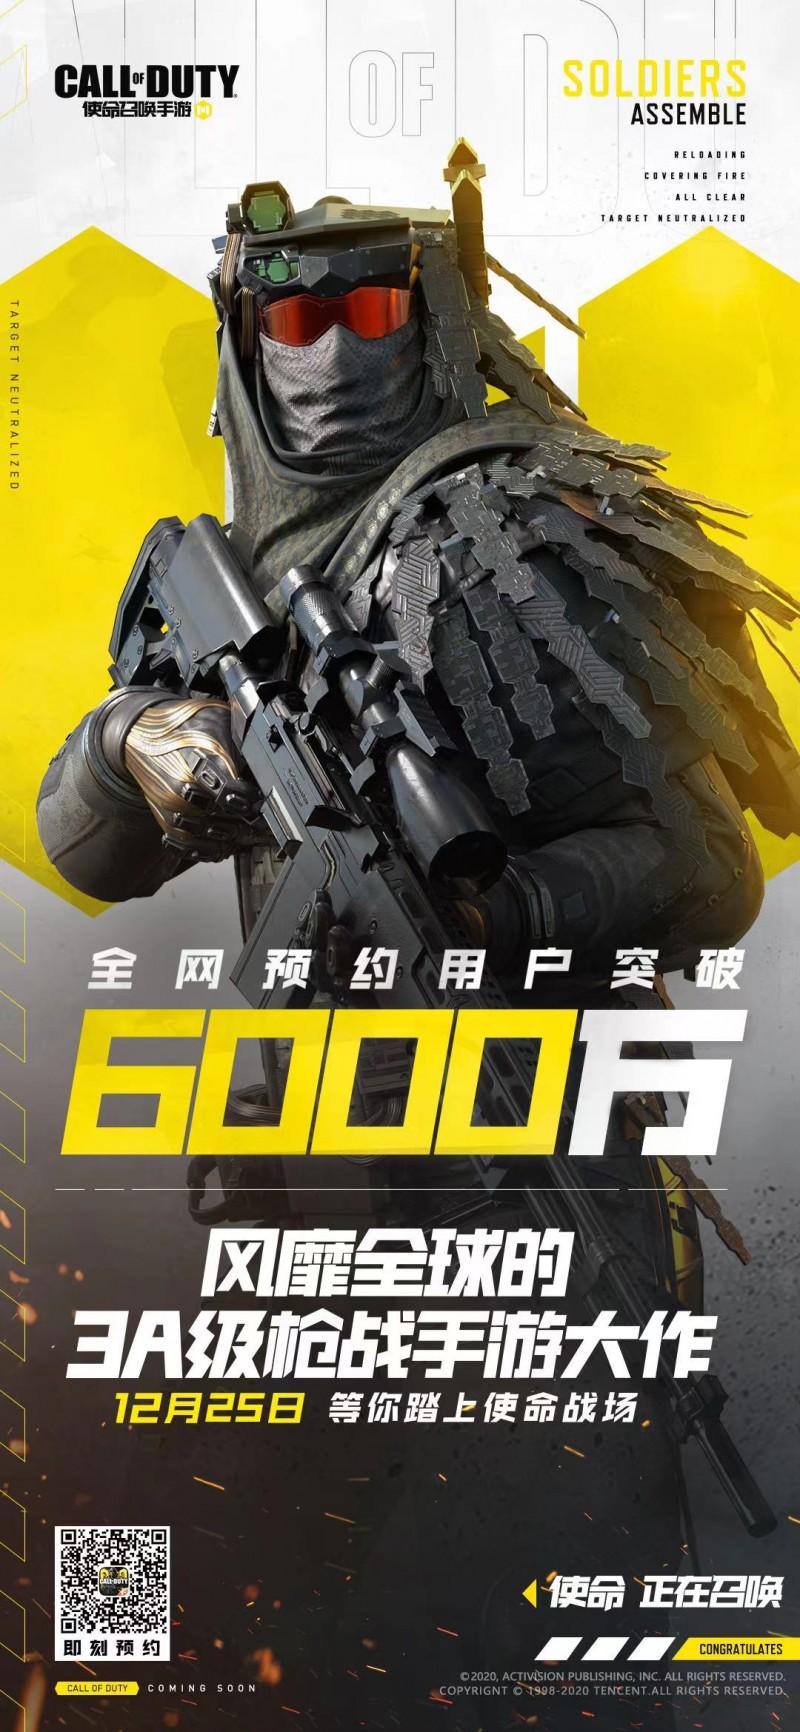 【捕鱼王】《使命召唤手游》6000万预约历练达成,12月25日正式上线